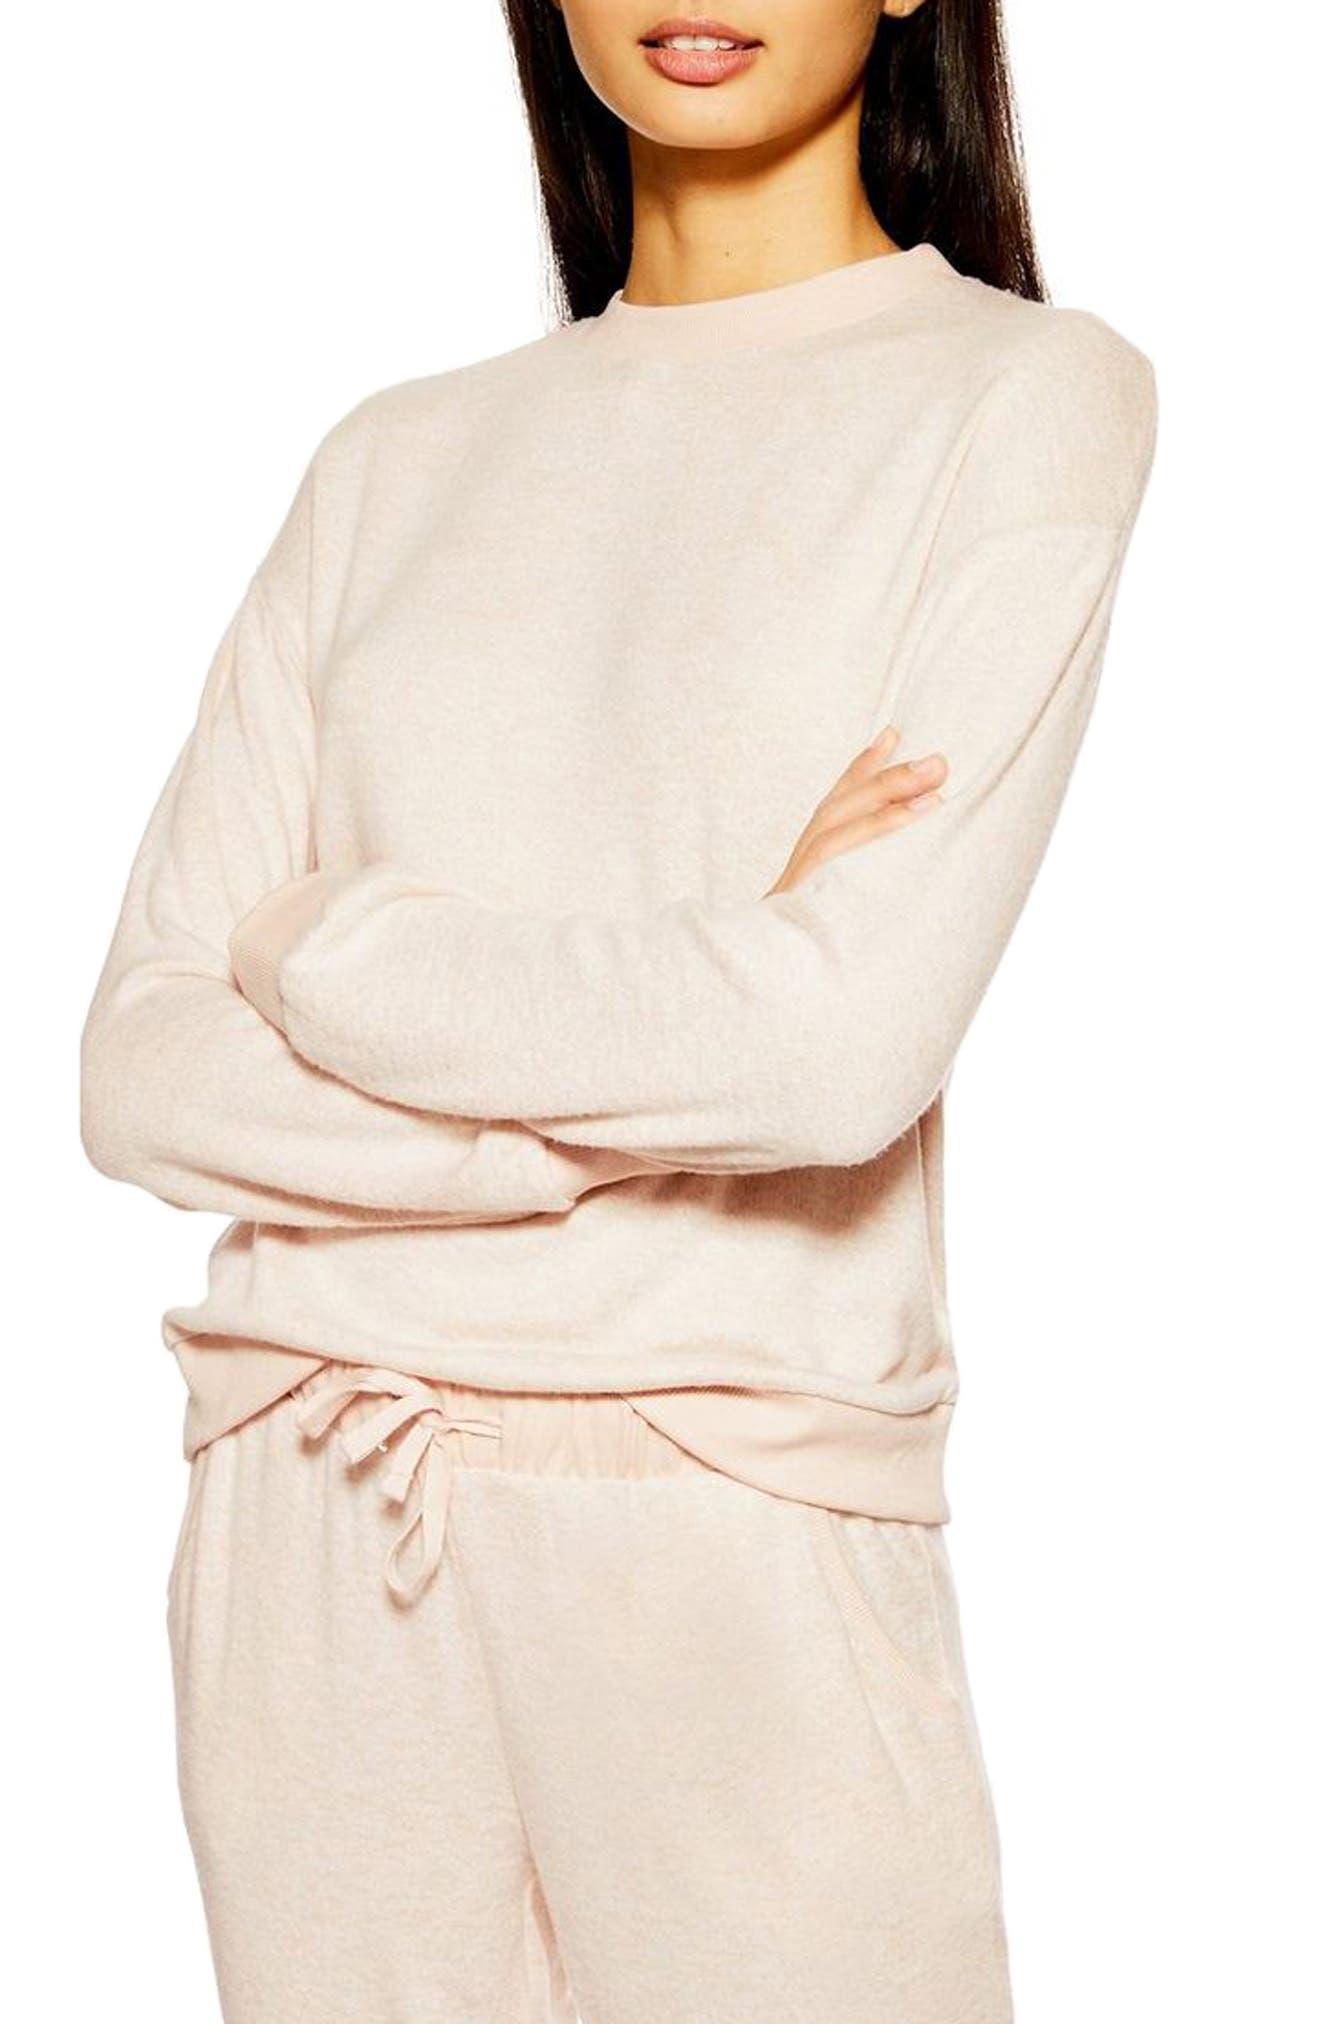 Topshop Supersoft Sweatshirt Coupon Code